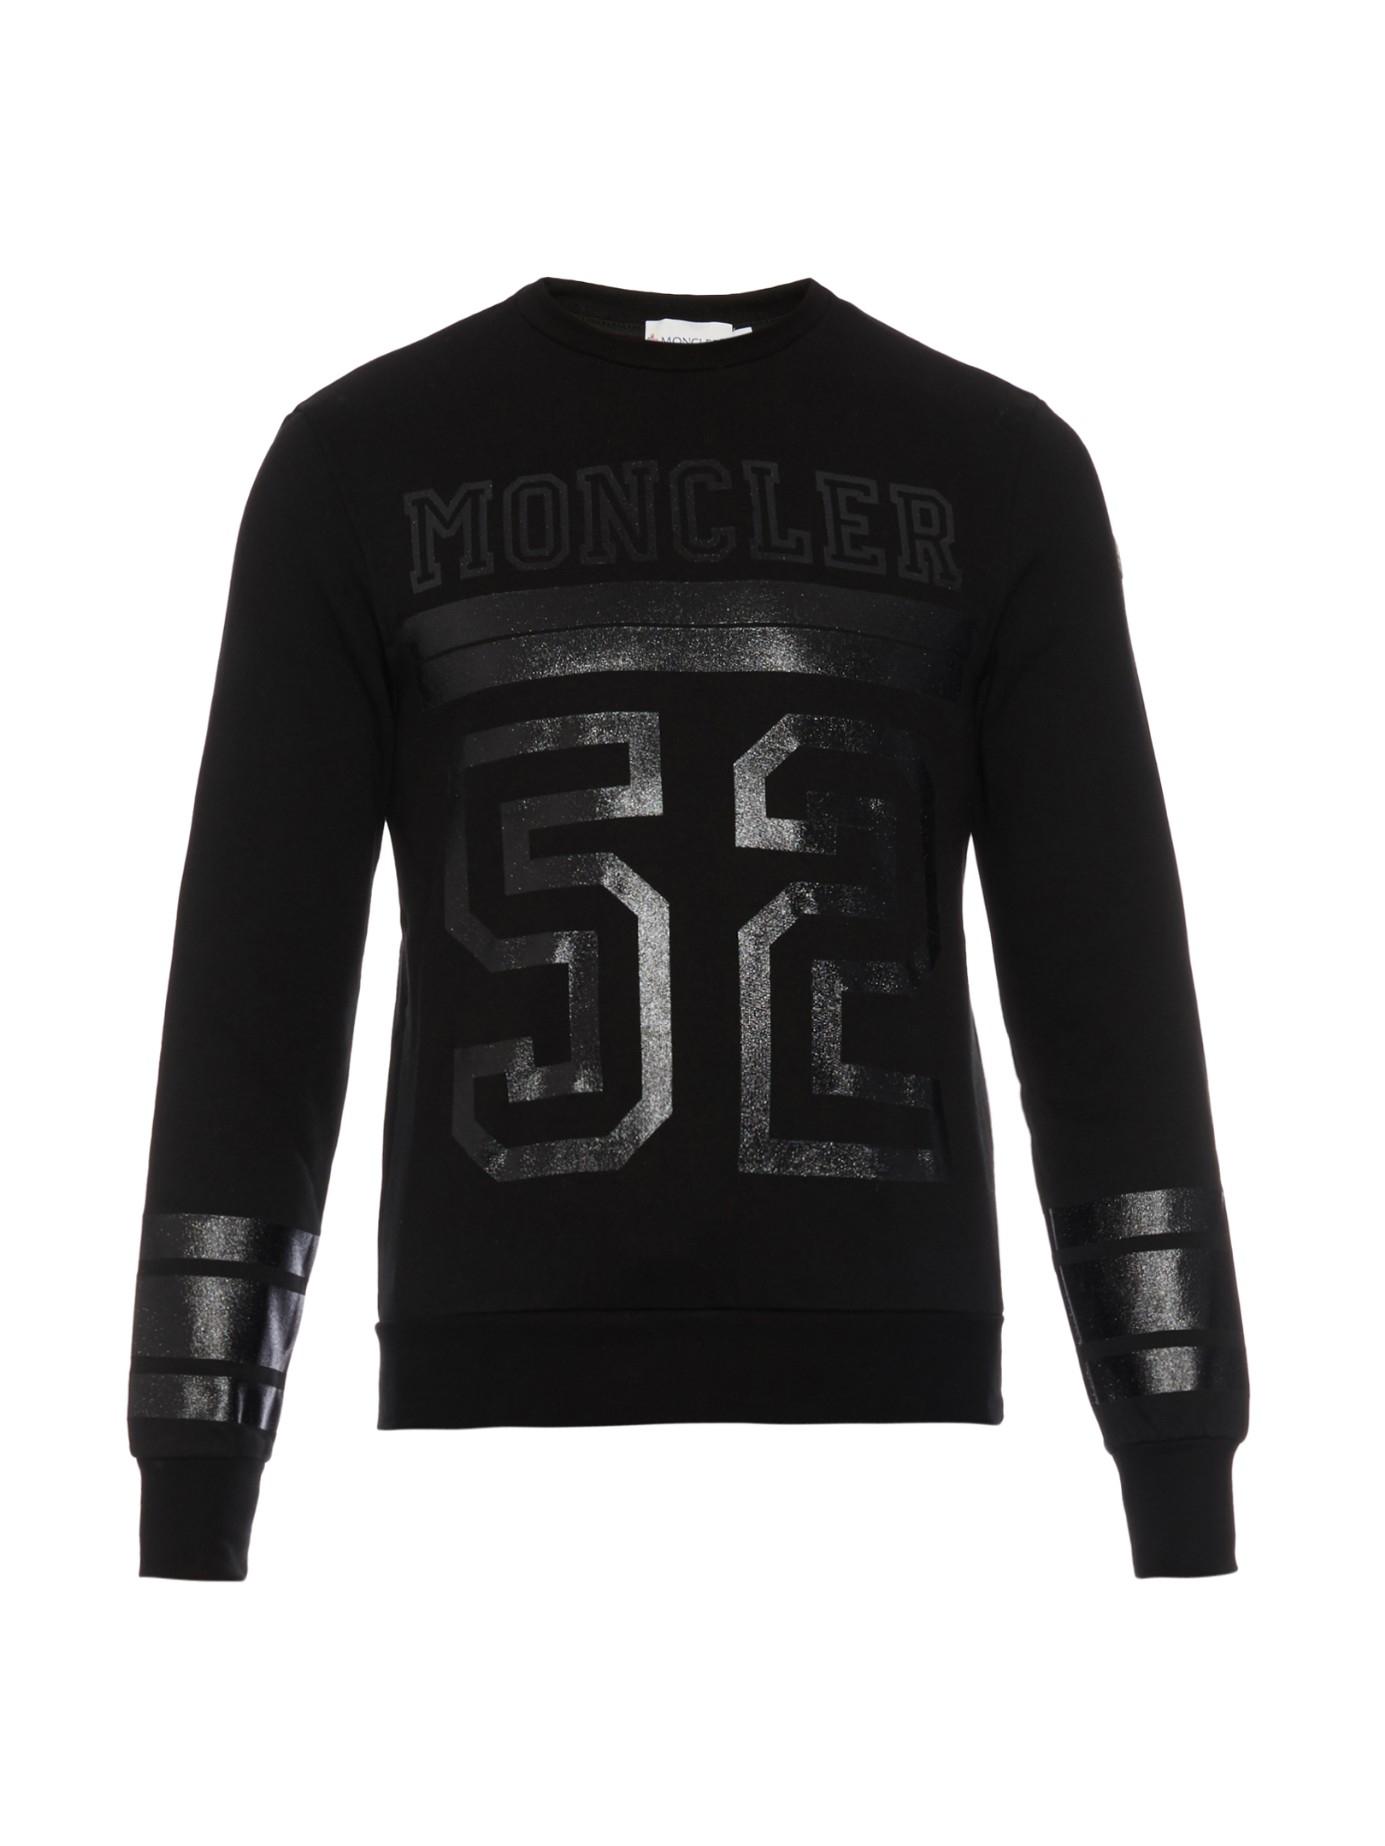 moncler 52 sweatshirt